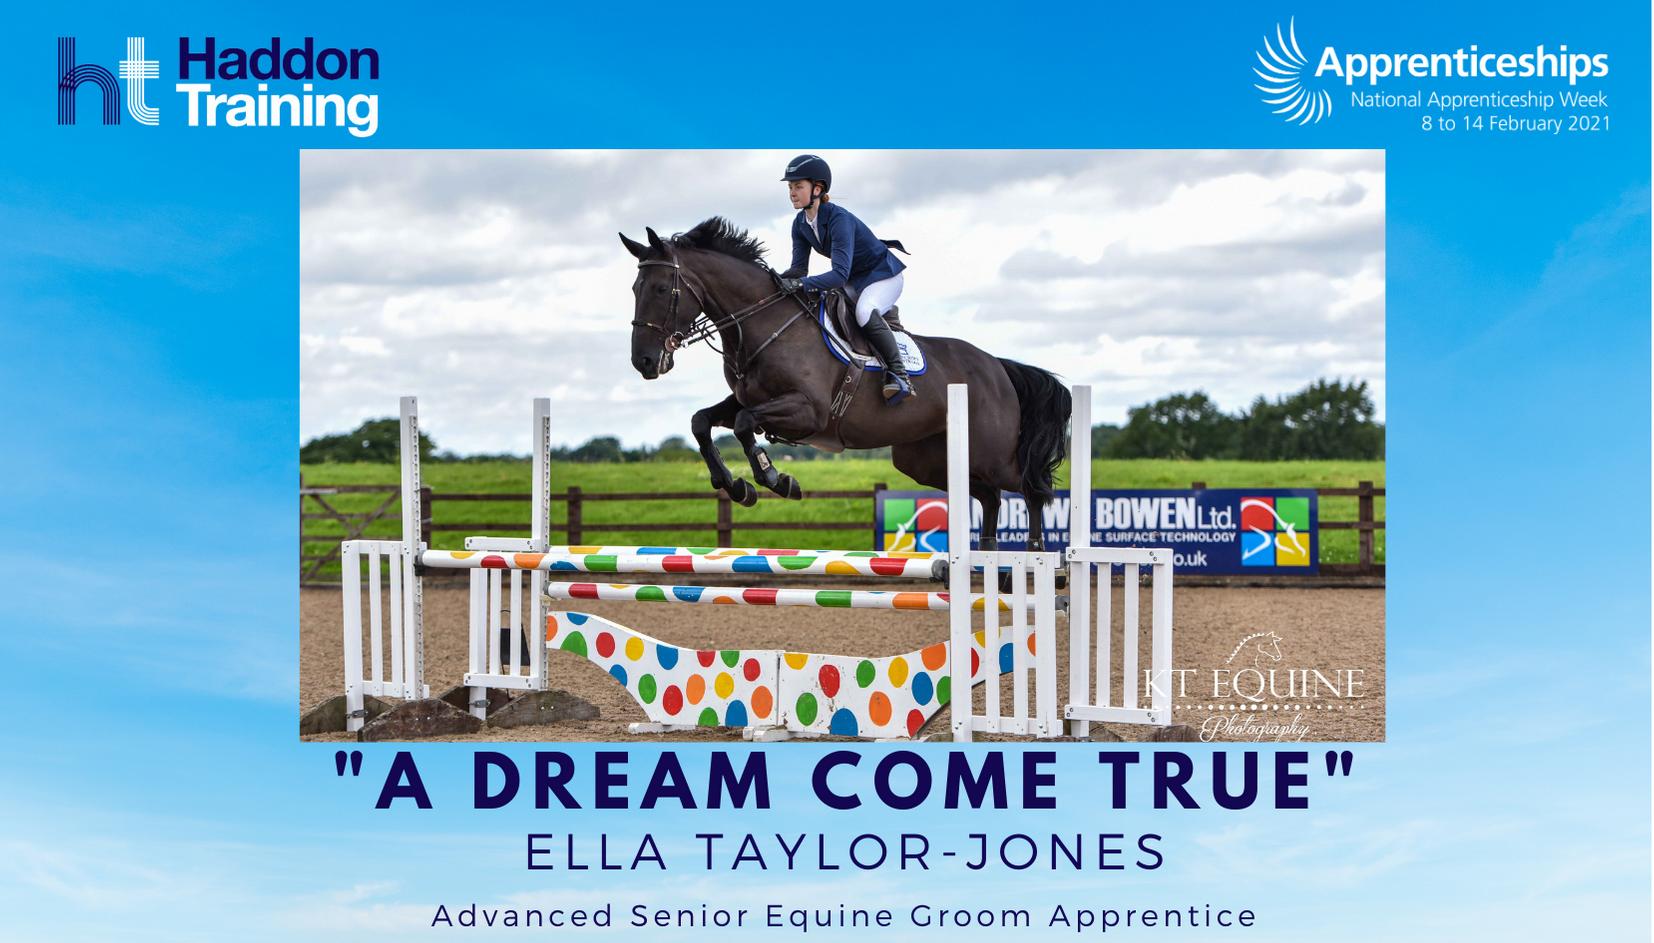 A dream come true - Ella Taylor-Jones